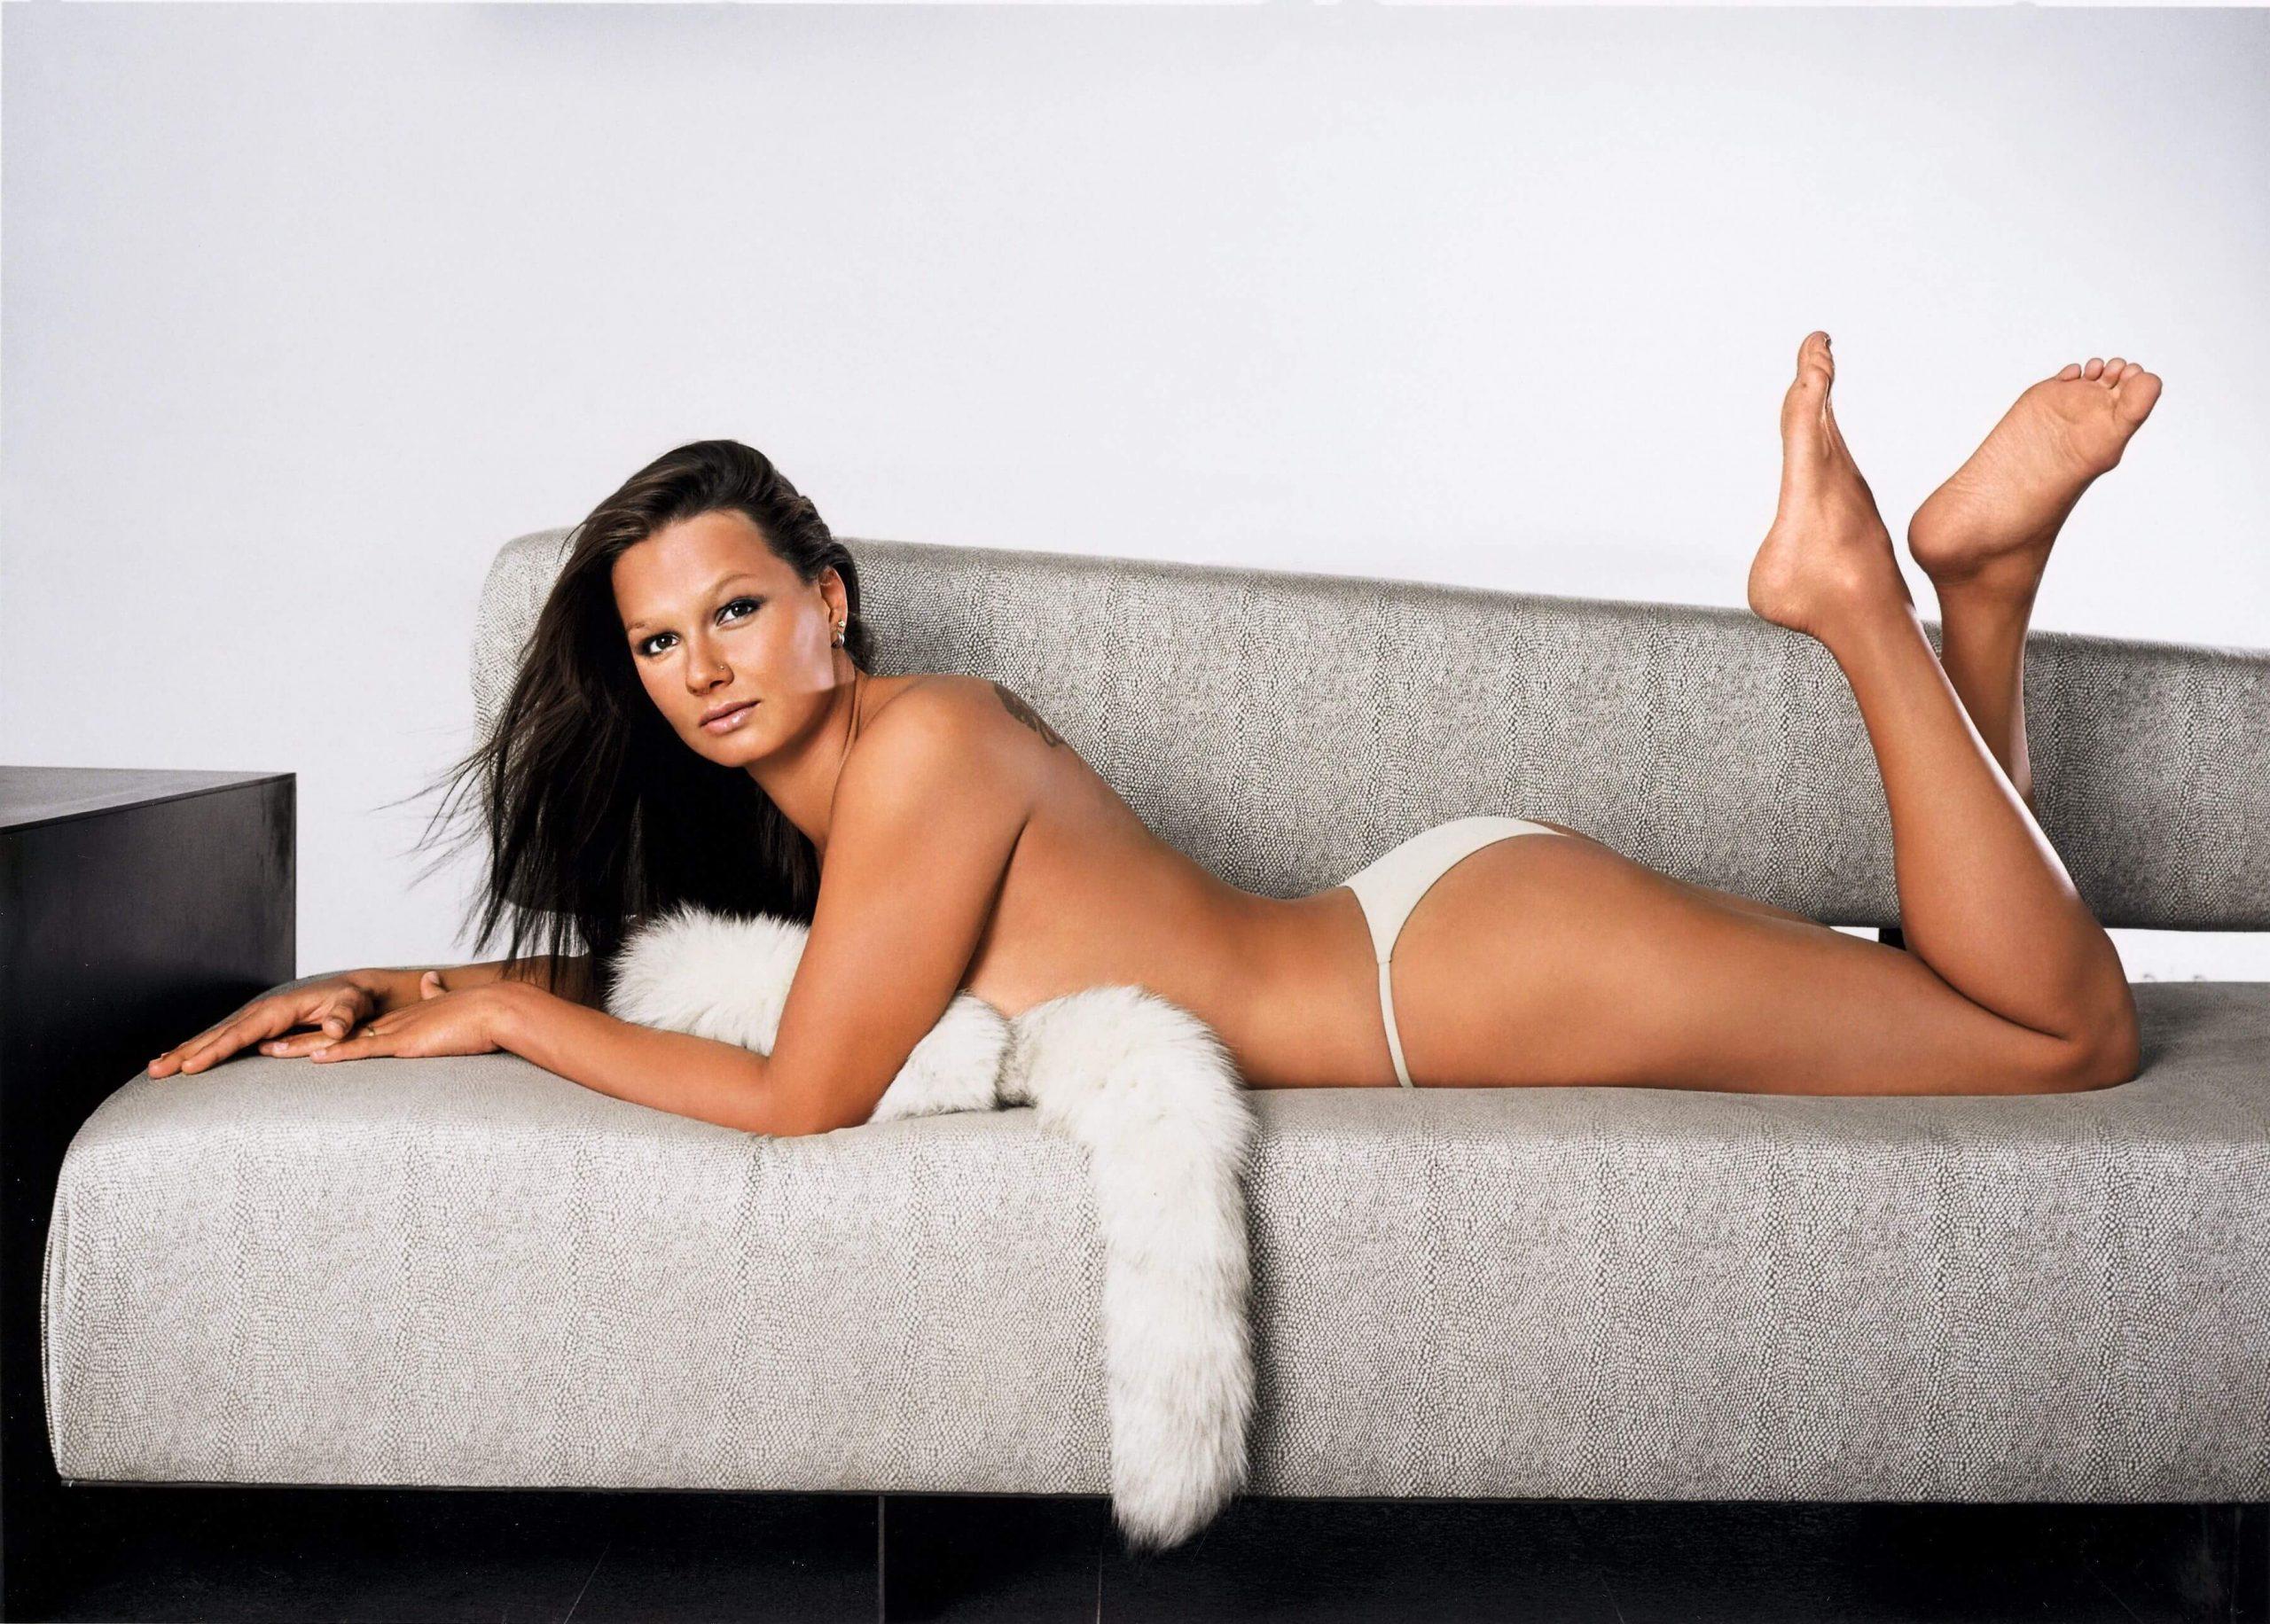 Franziska-van-Almsick-ass-hot-1